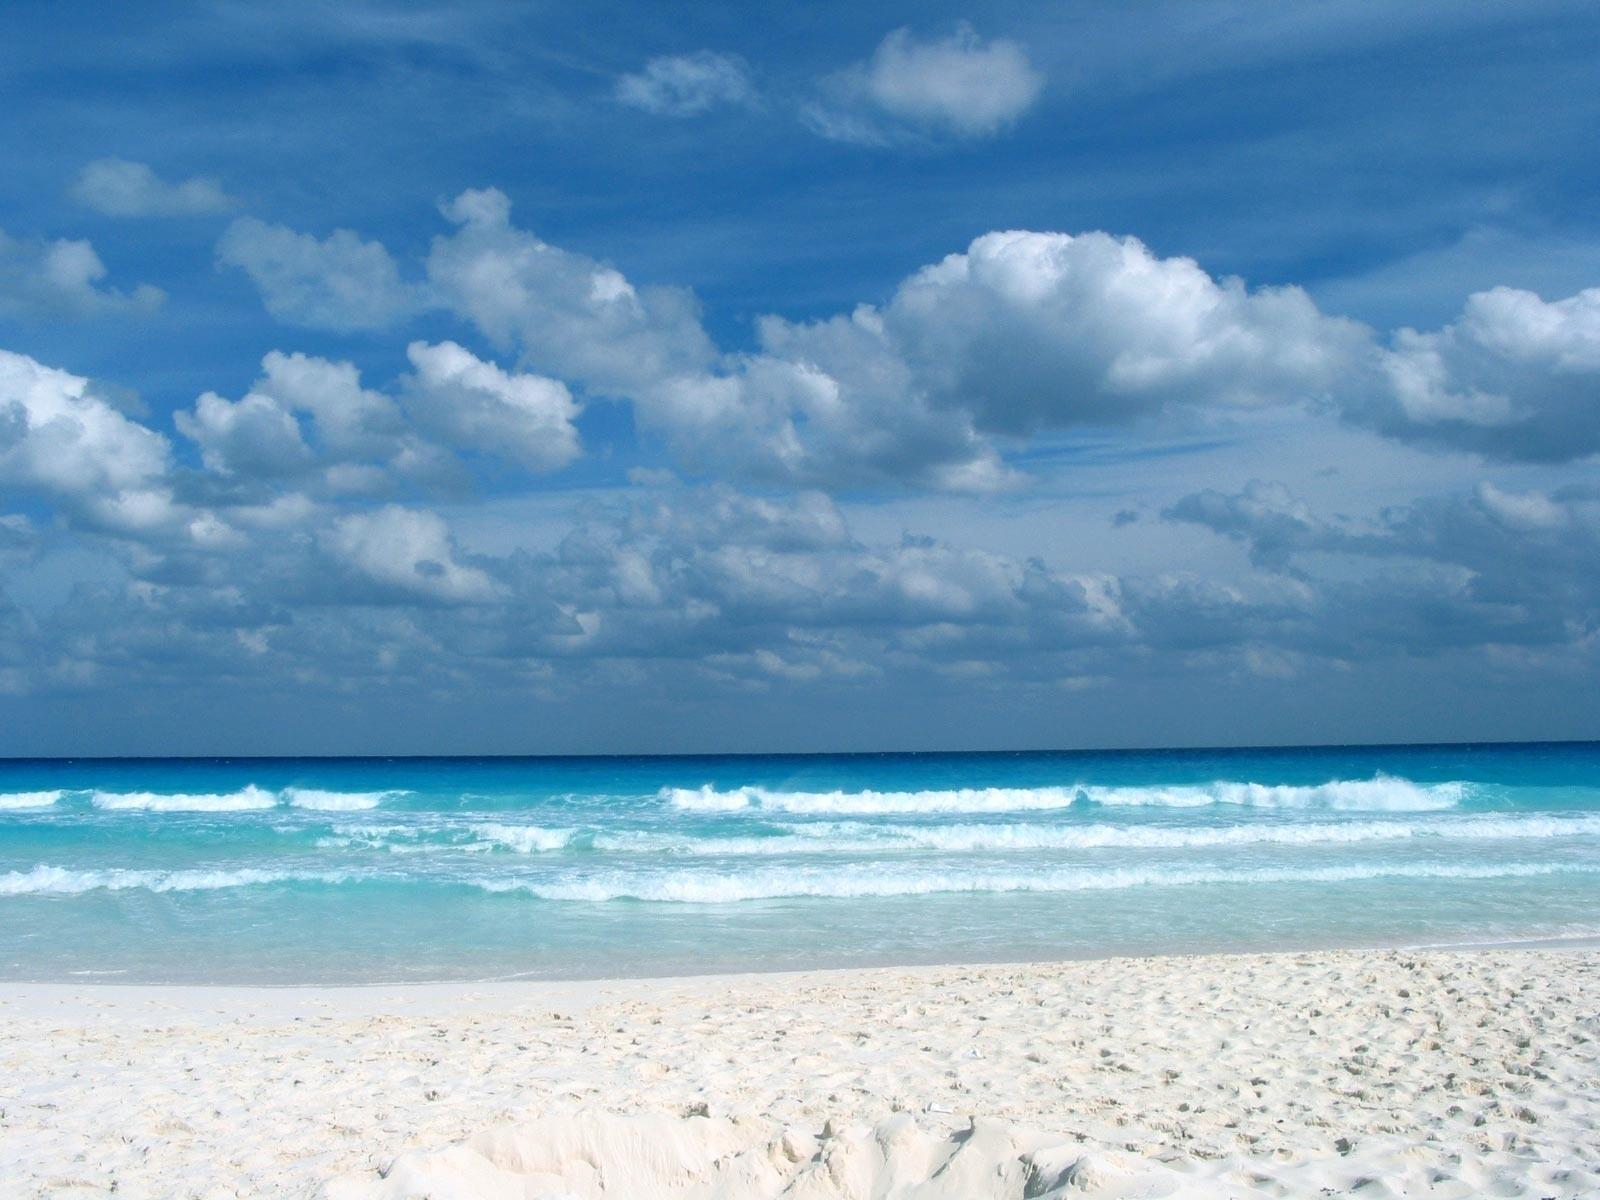 Море 1600 x 1200